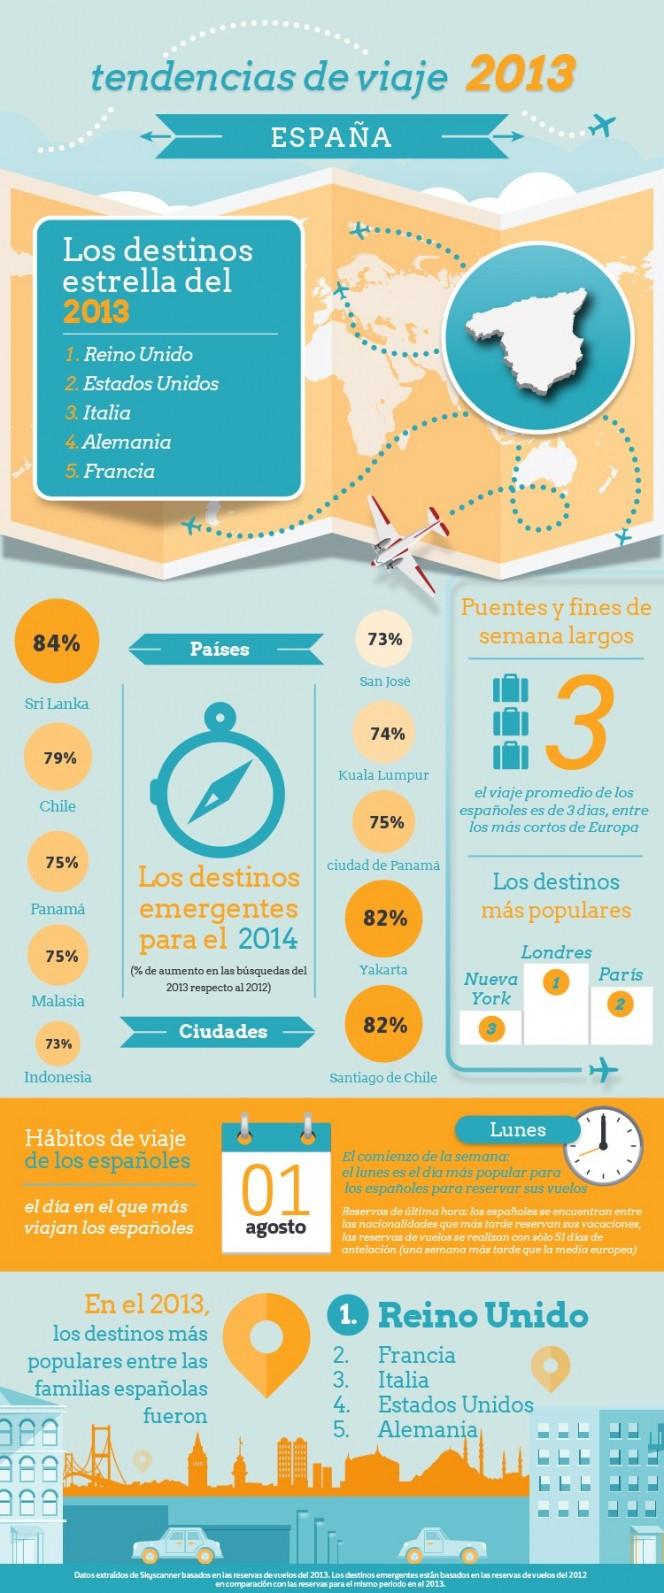 Tendencias de viaje 2013 España